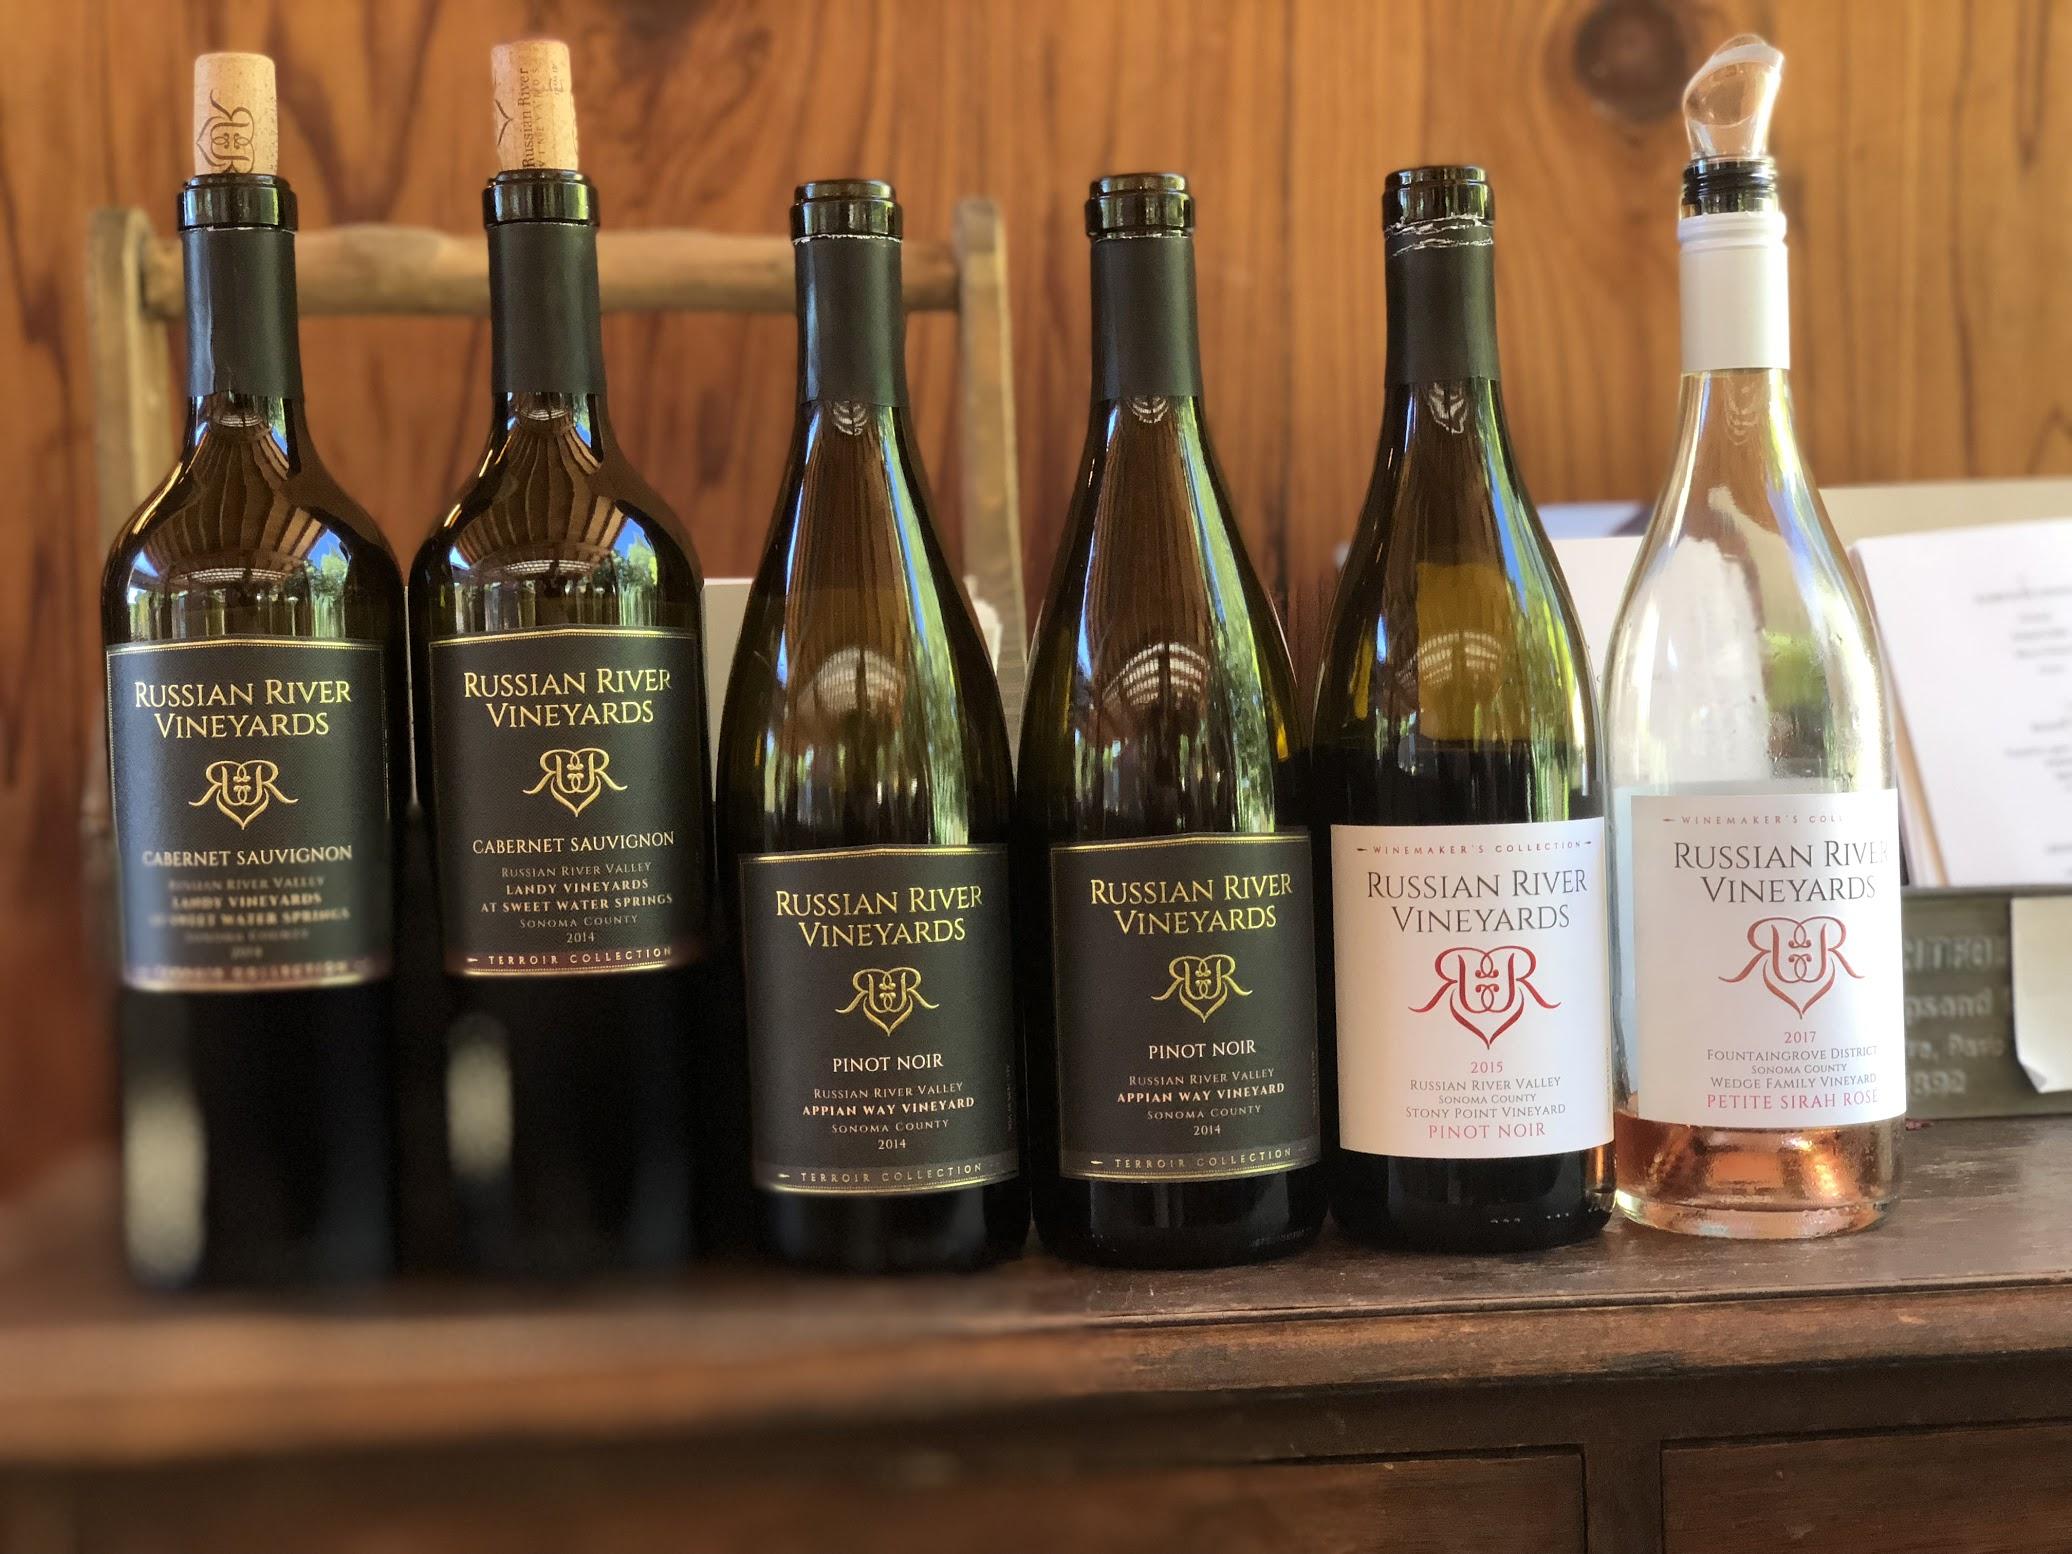 Russian River Vineyards Pinot Noir